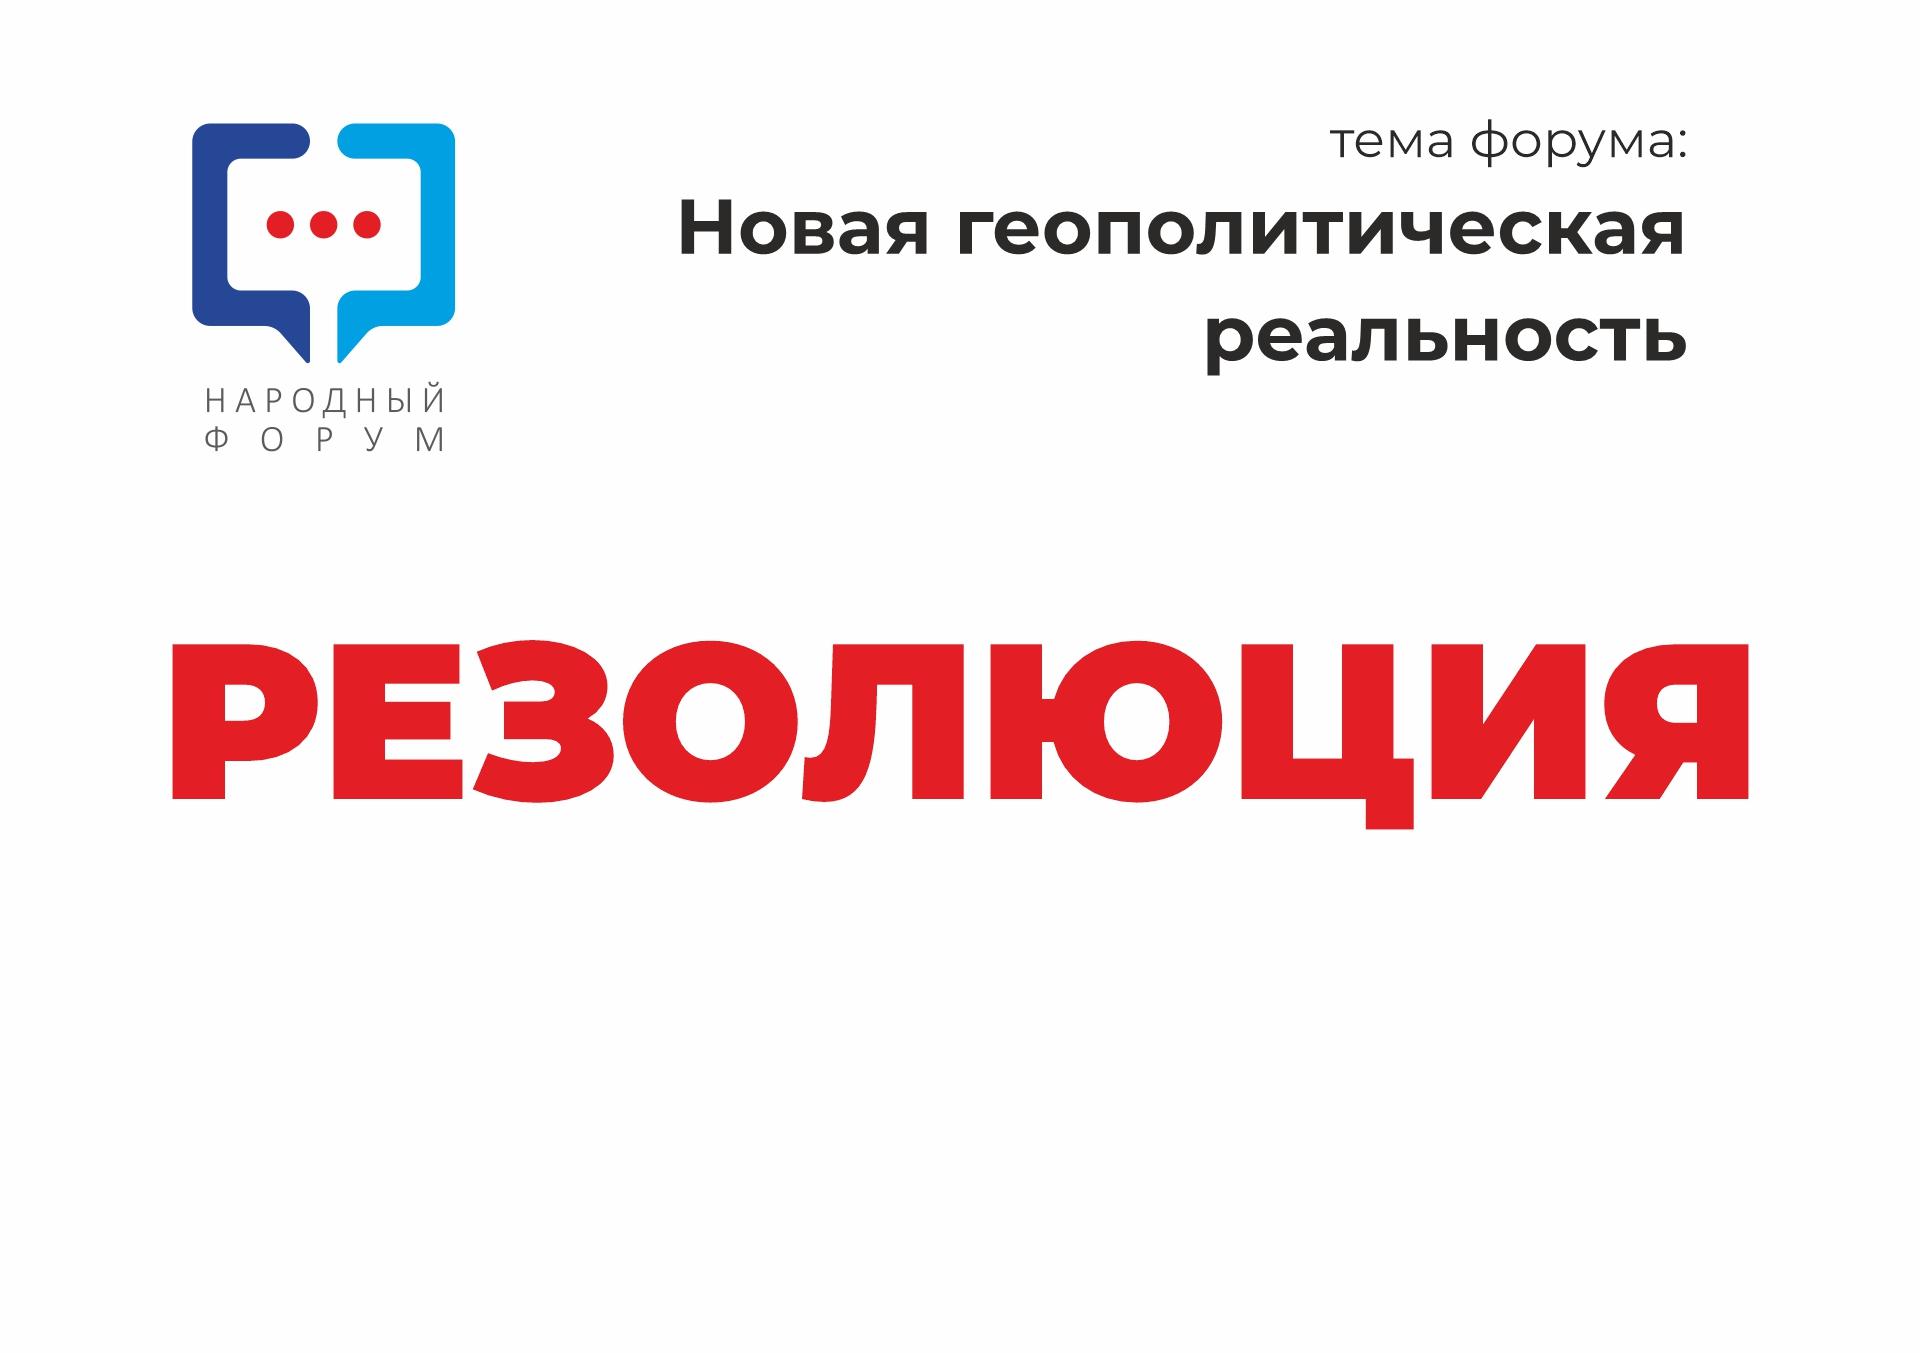 По итогам «Народного форума» на тему: «Новая геополитическая реальность»принята резолюция 1